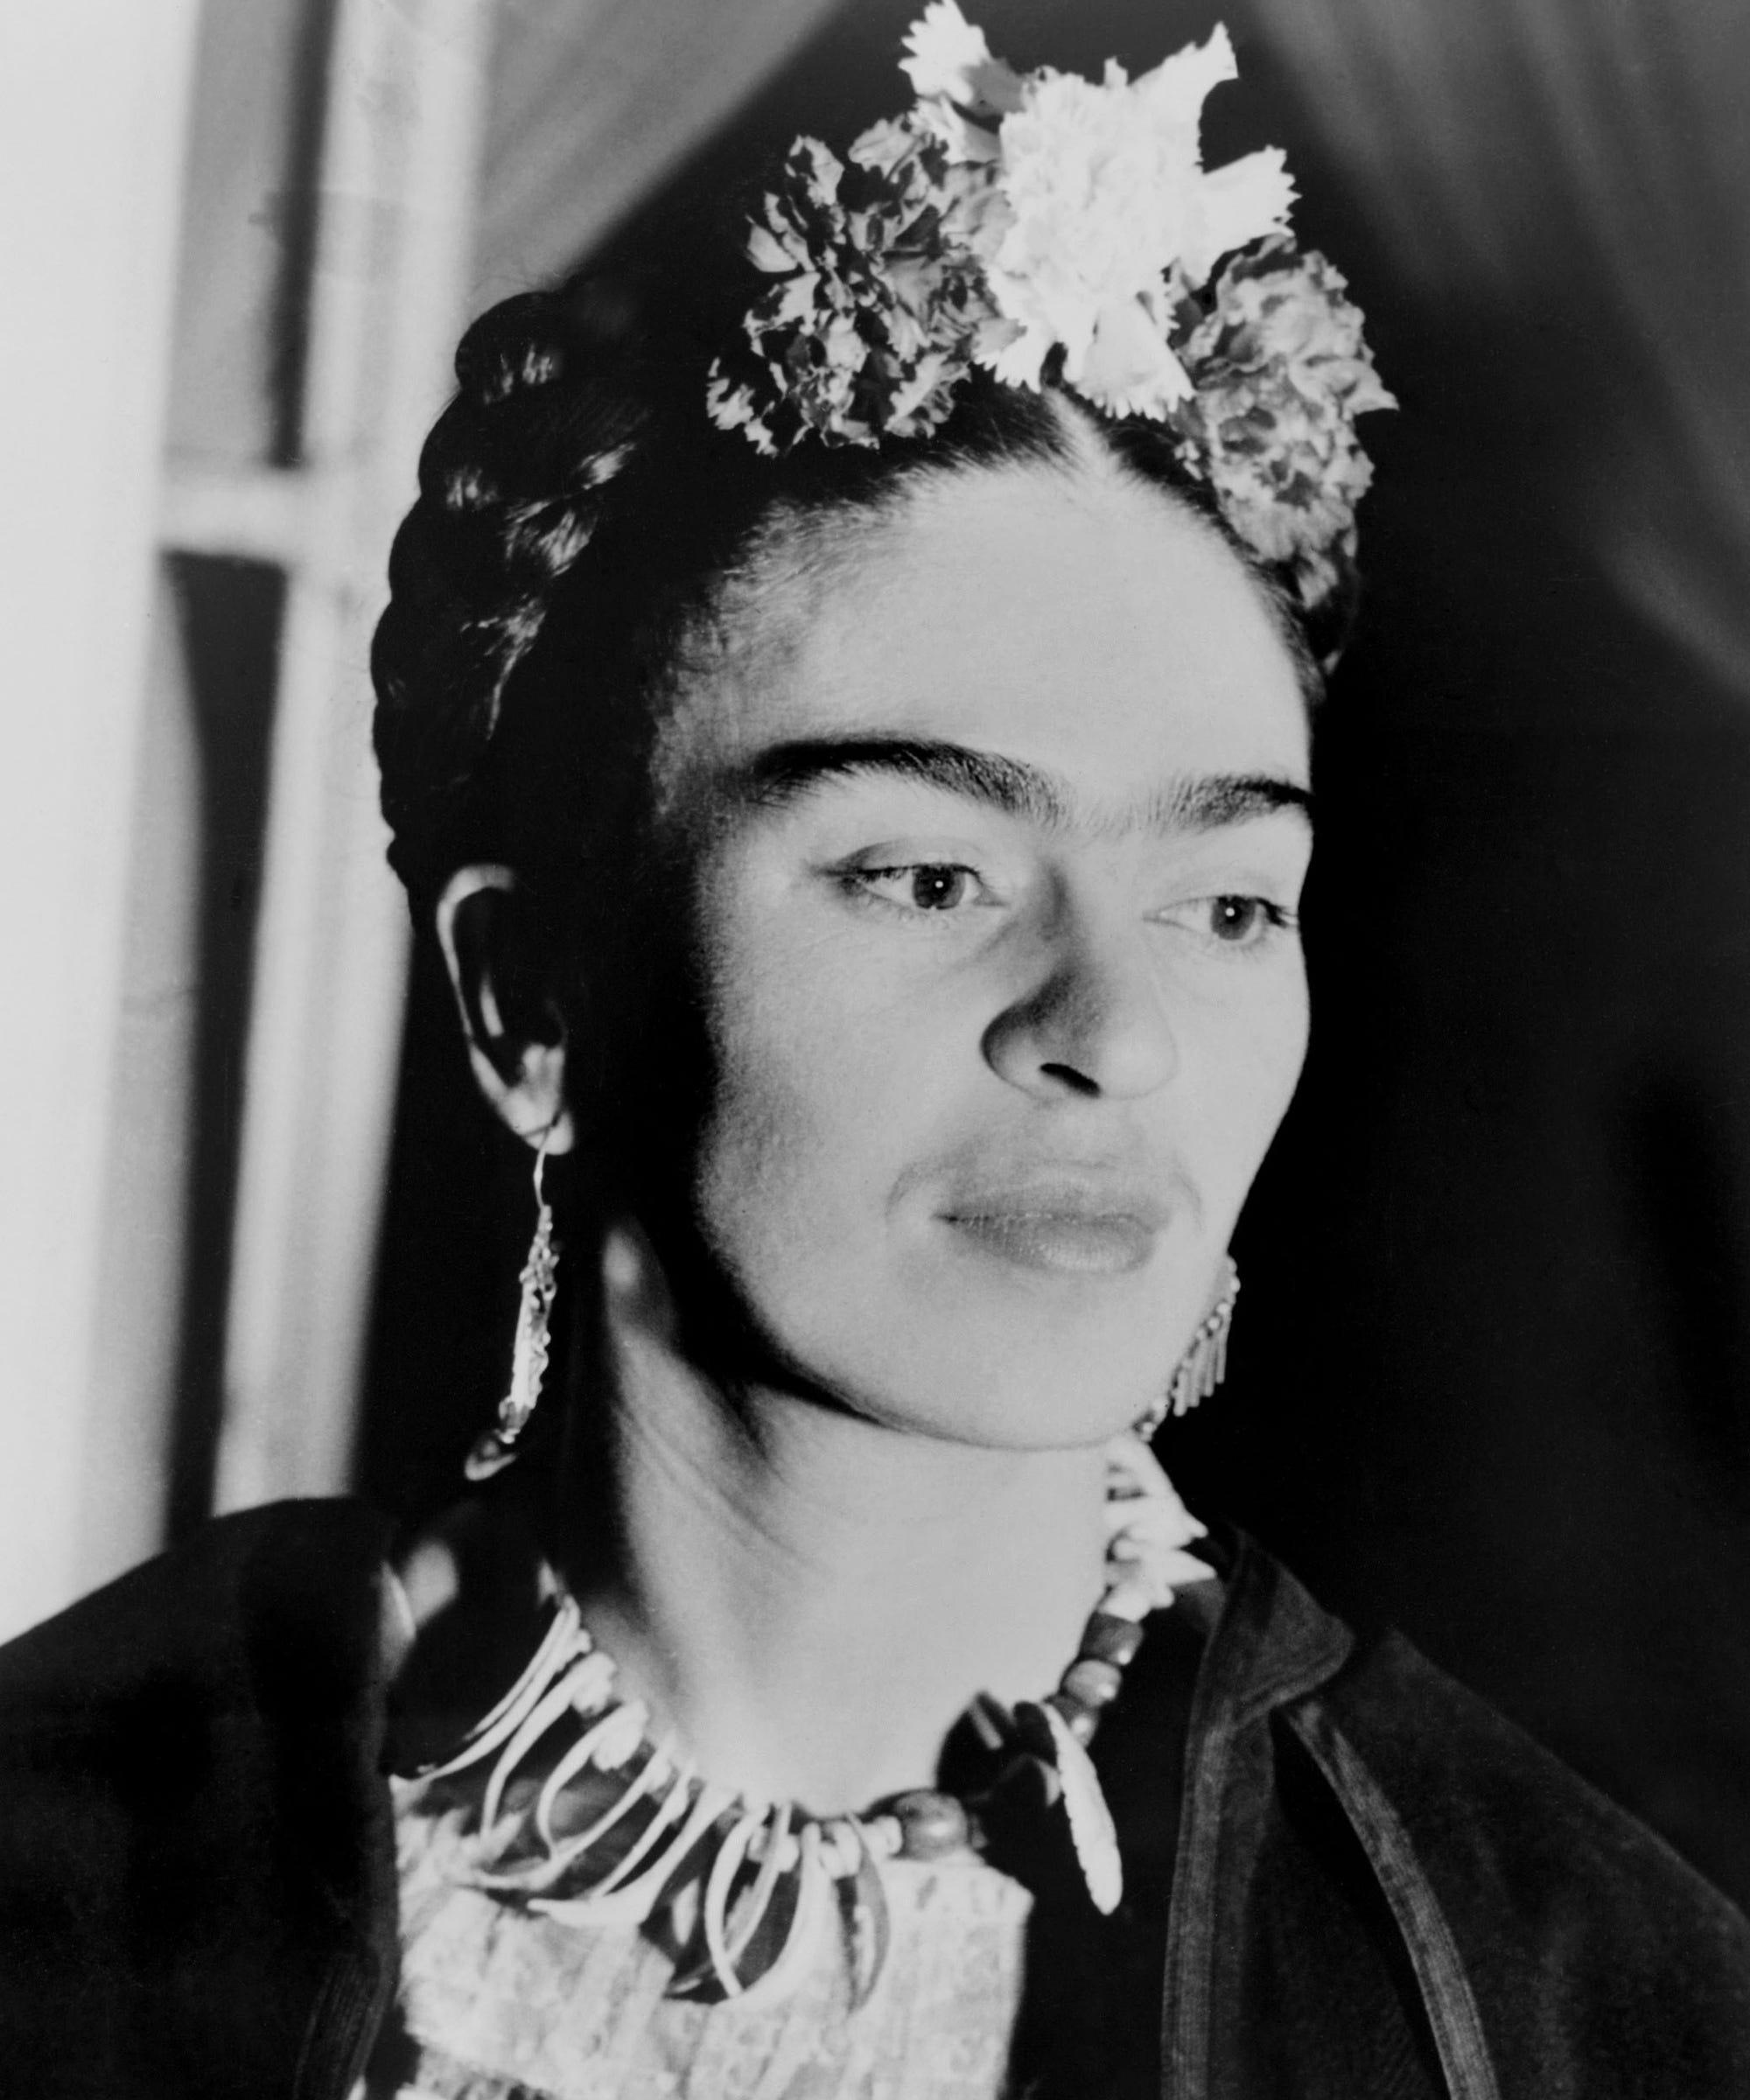 Frida Kahlo Flower Crown Trend Video